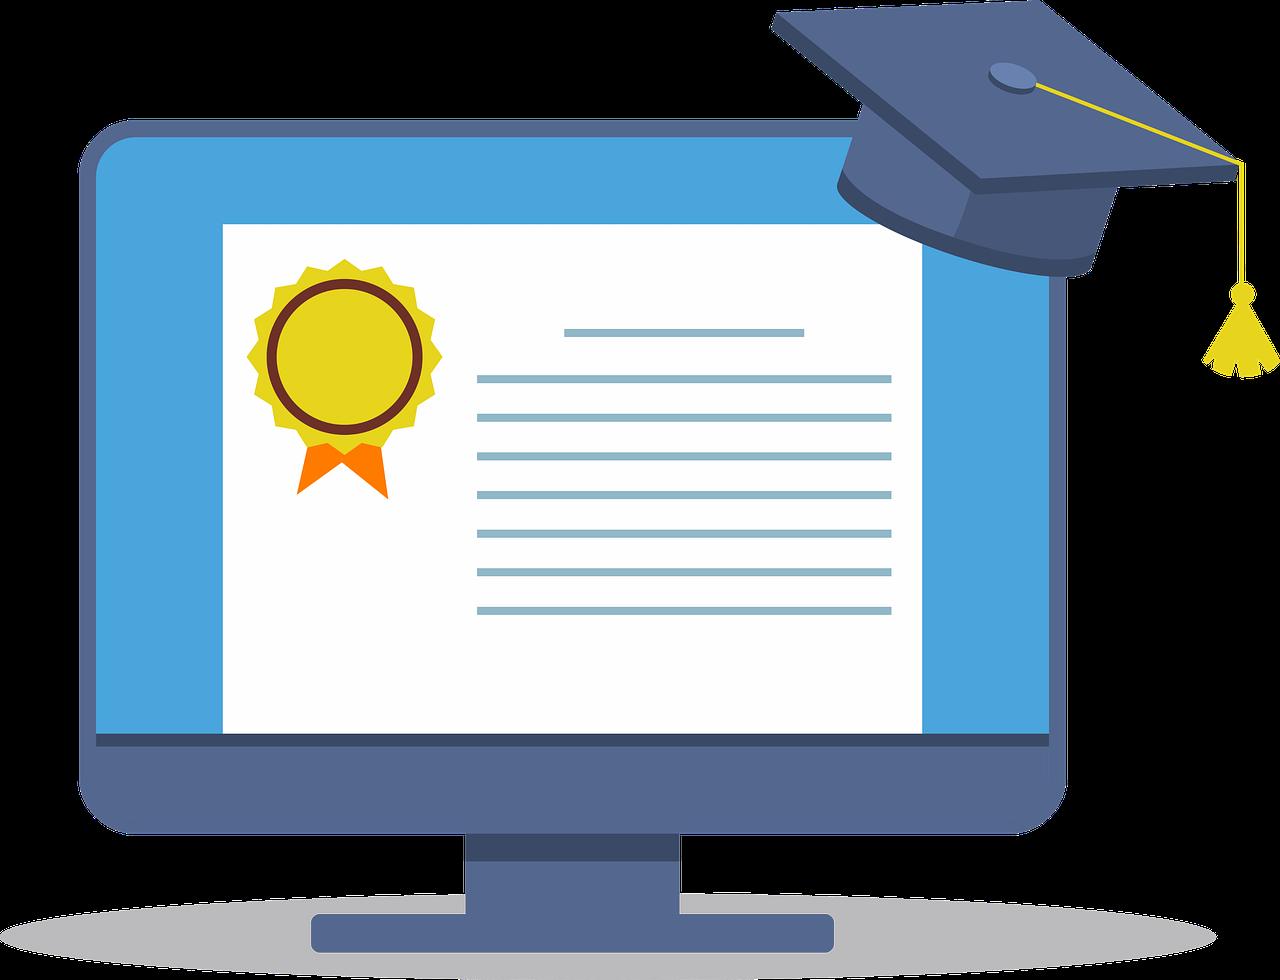 לימודים אונליין - איך לבחור קורס